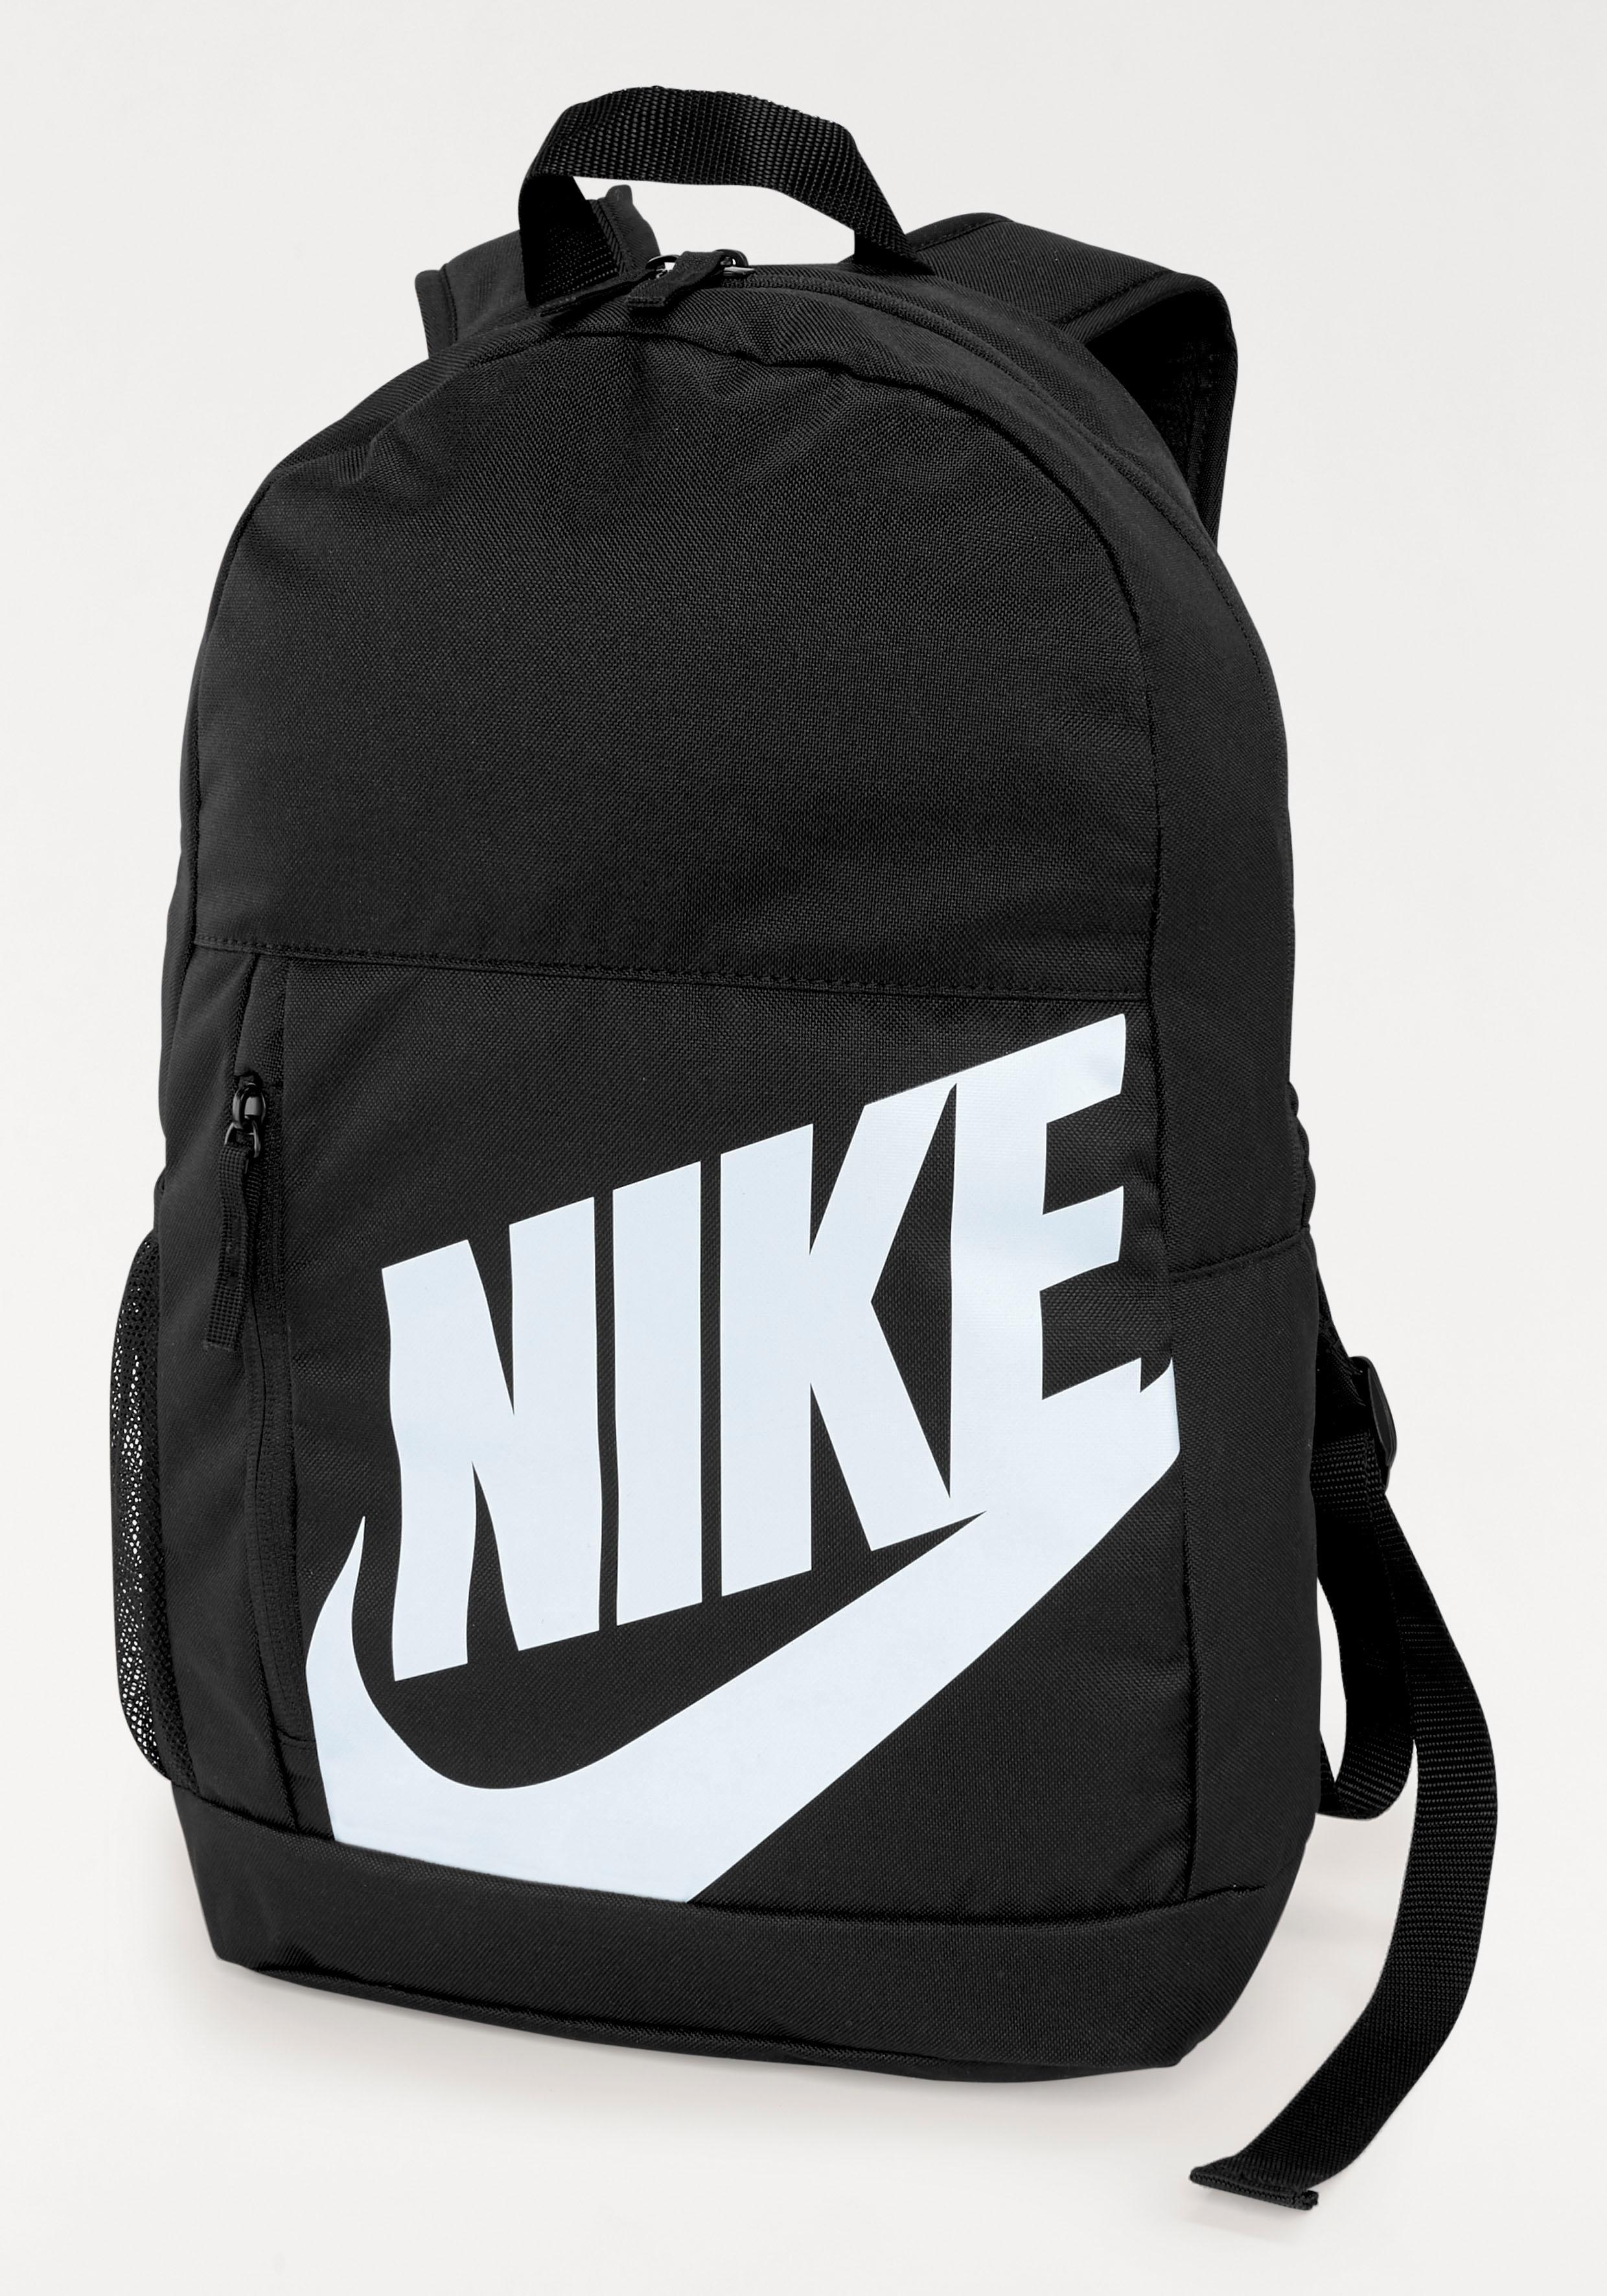 Nike Sportswear sportrugzak Nike Elemental Kids' Backpack bij OTTO online kopen